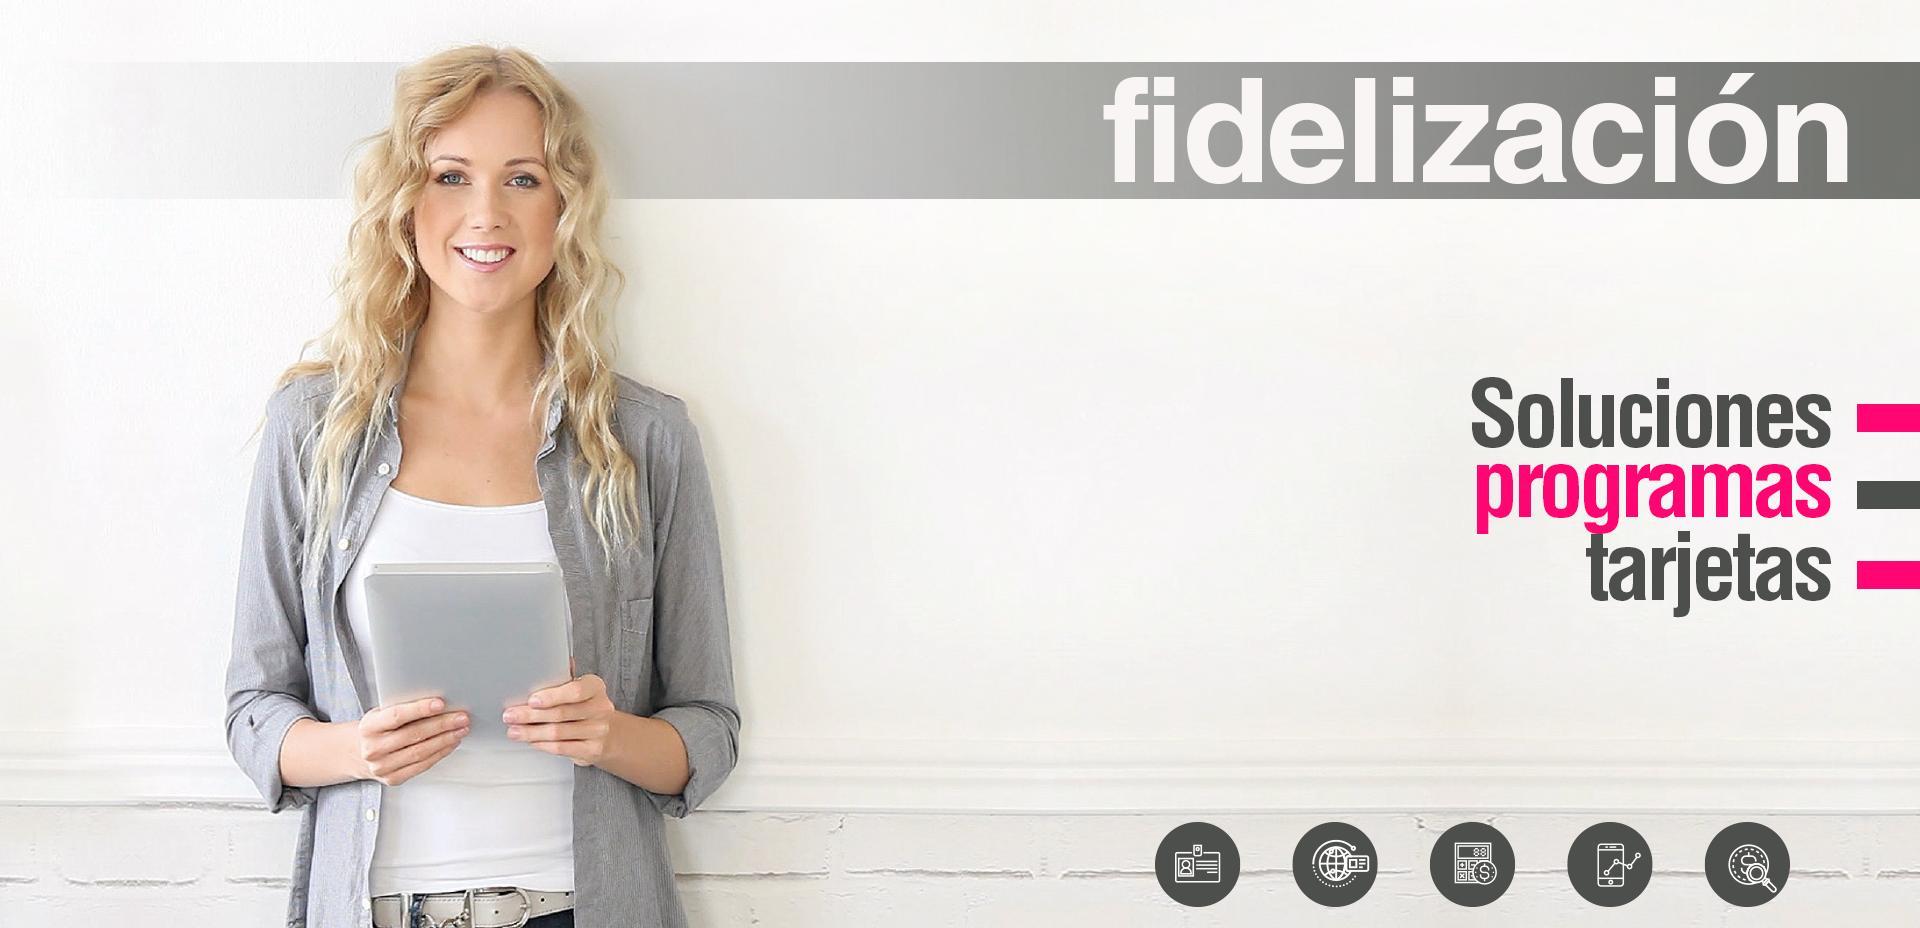 Fidelización, programas fidelización de clientes, soluciones fidelización